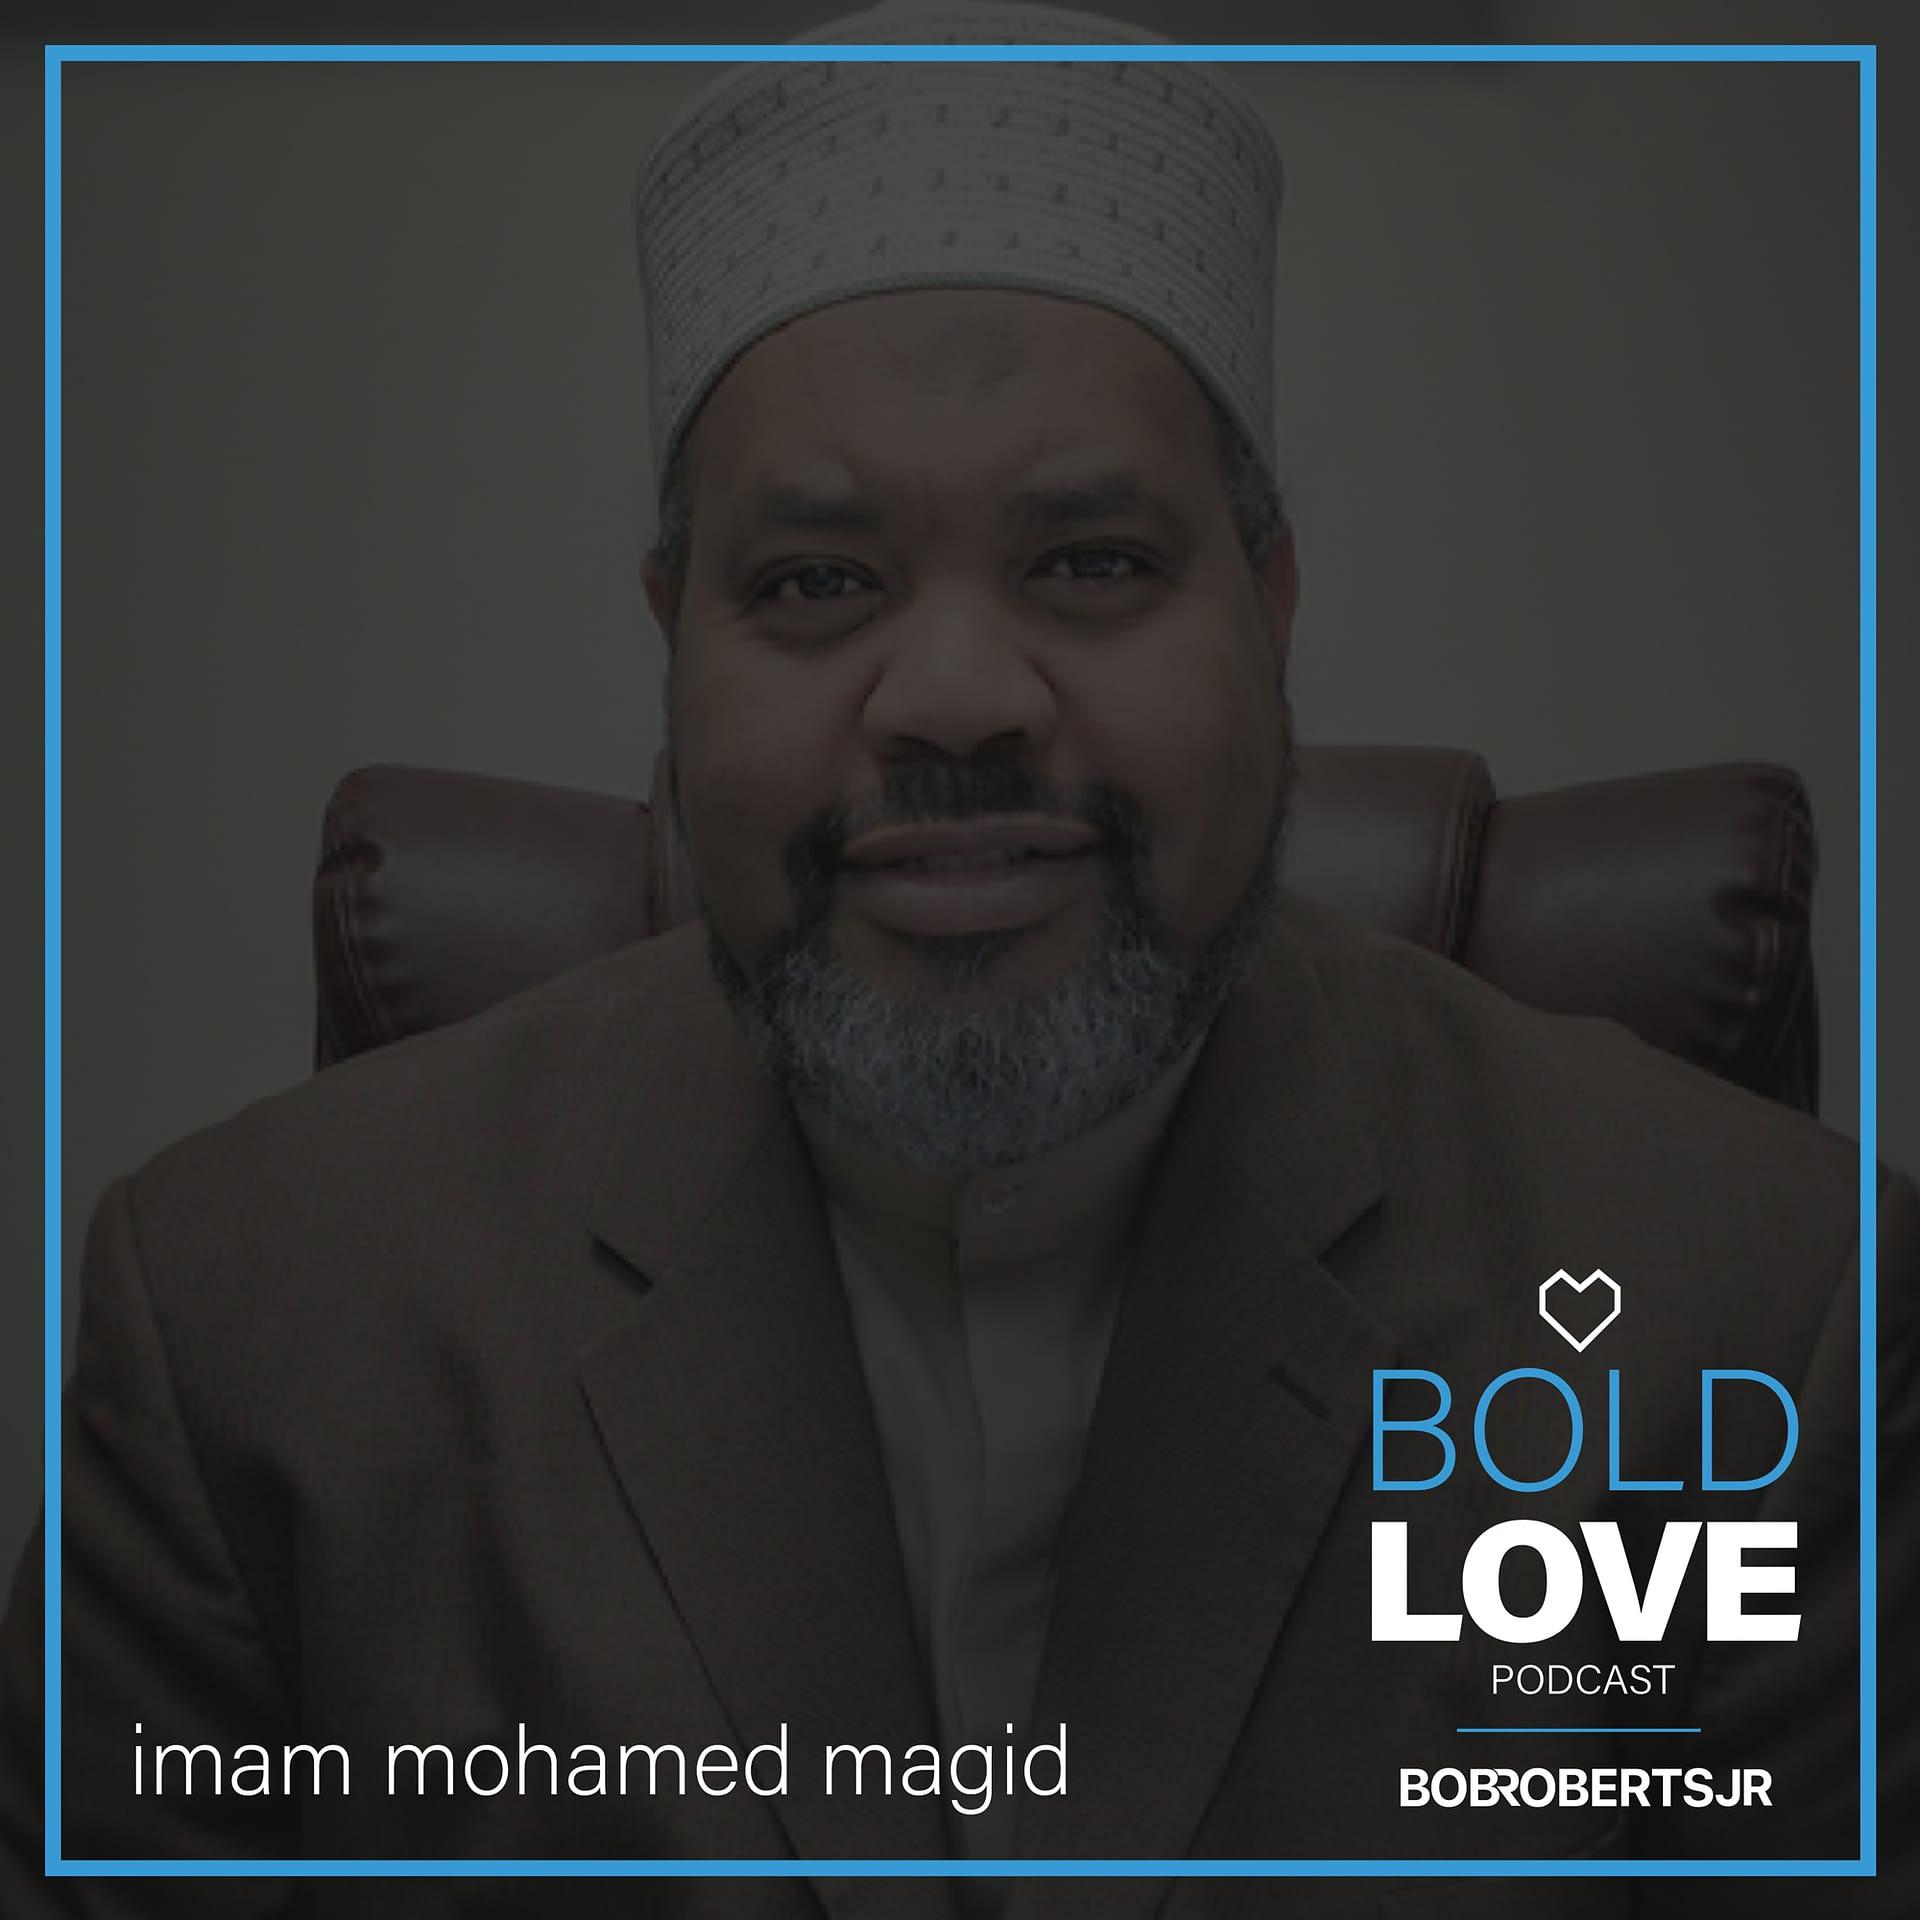 S1E1 – Imam Mohamed Magid | Why the Hate?